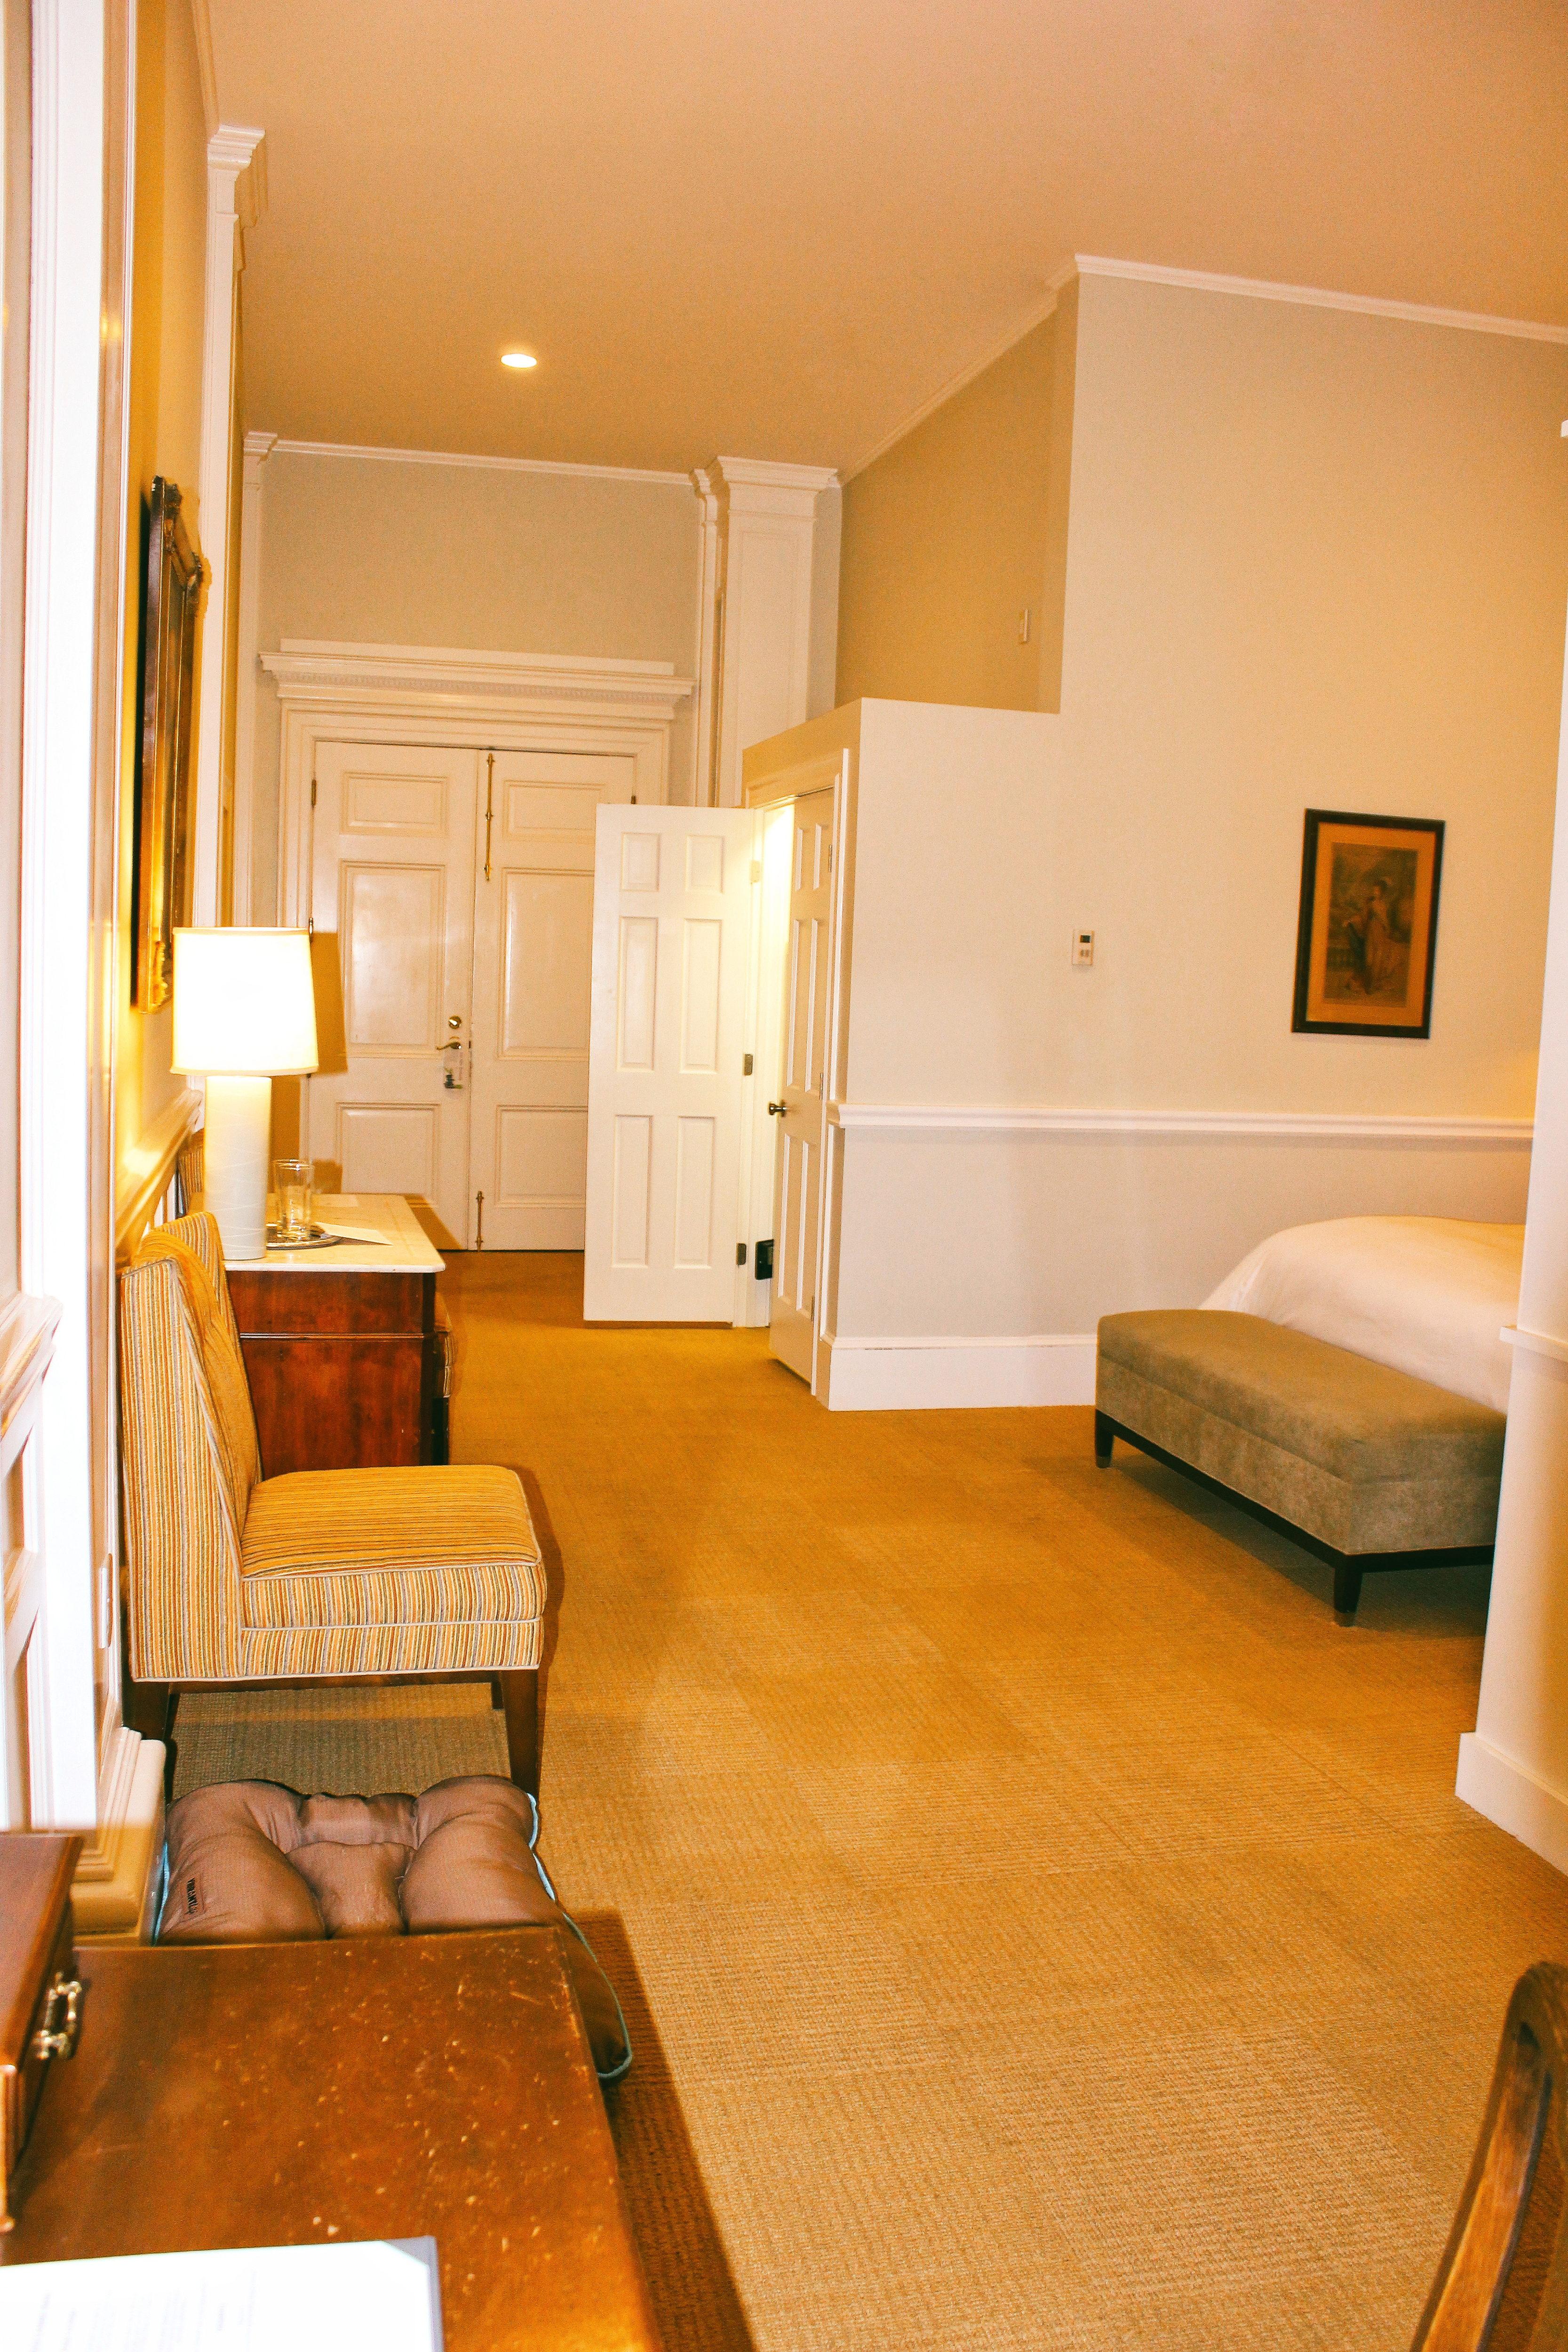 rooms-at-the-vanderbilt-hotel-in-newport